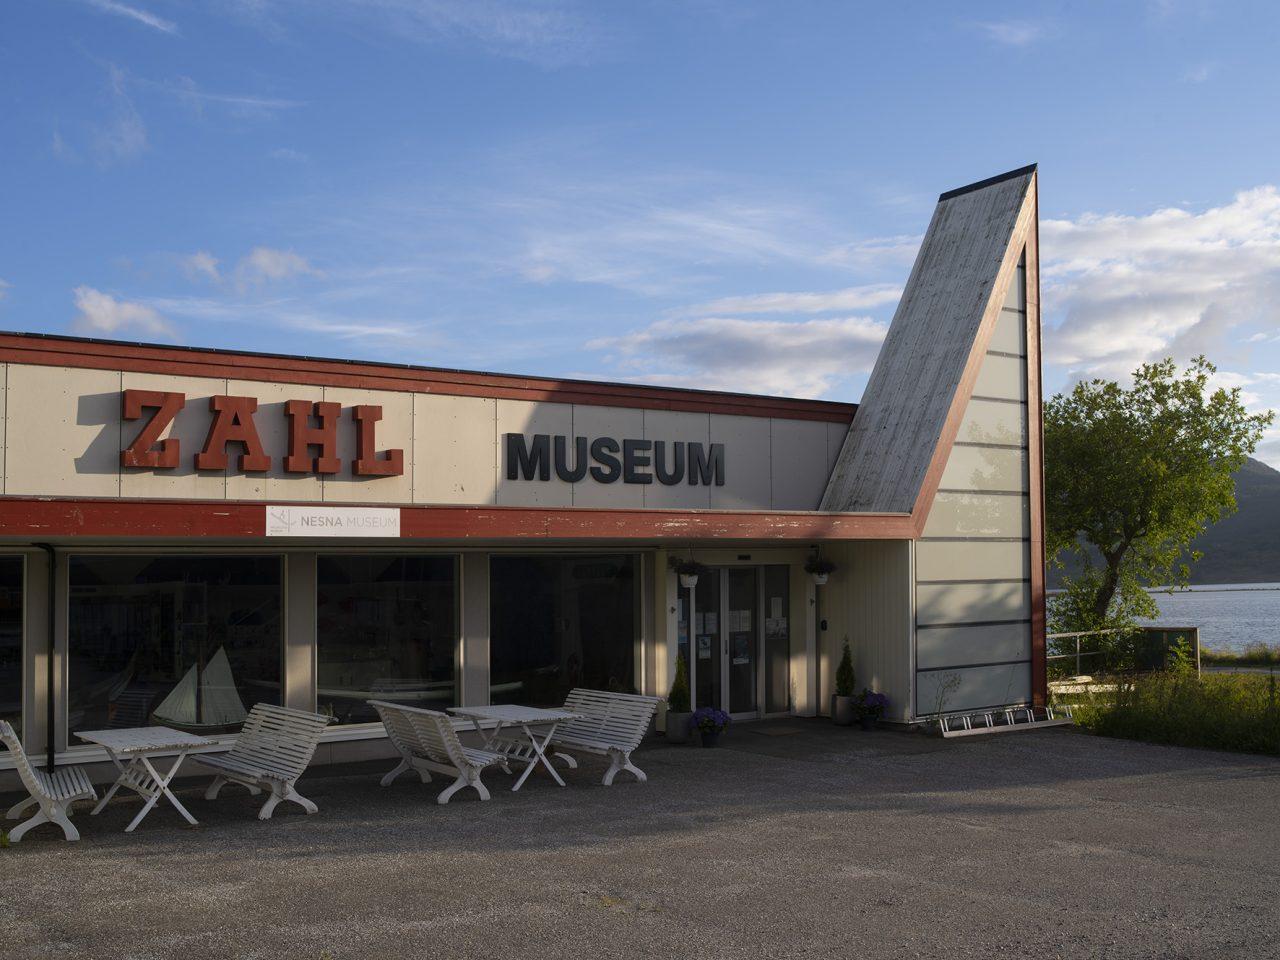 Museet på Nesna holder til i den gamle Zahlbutikken